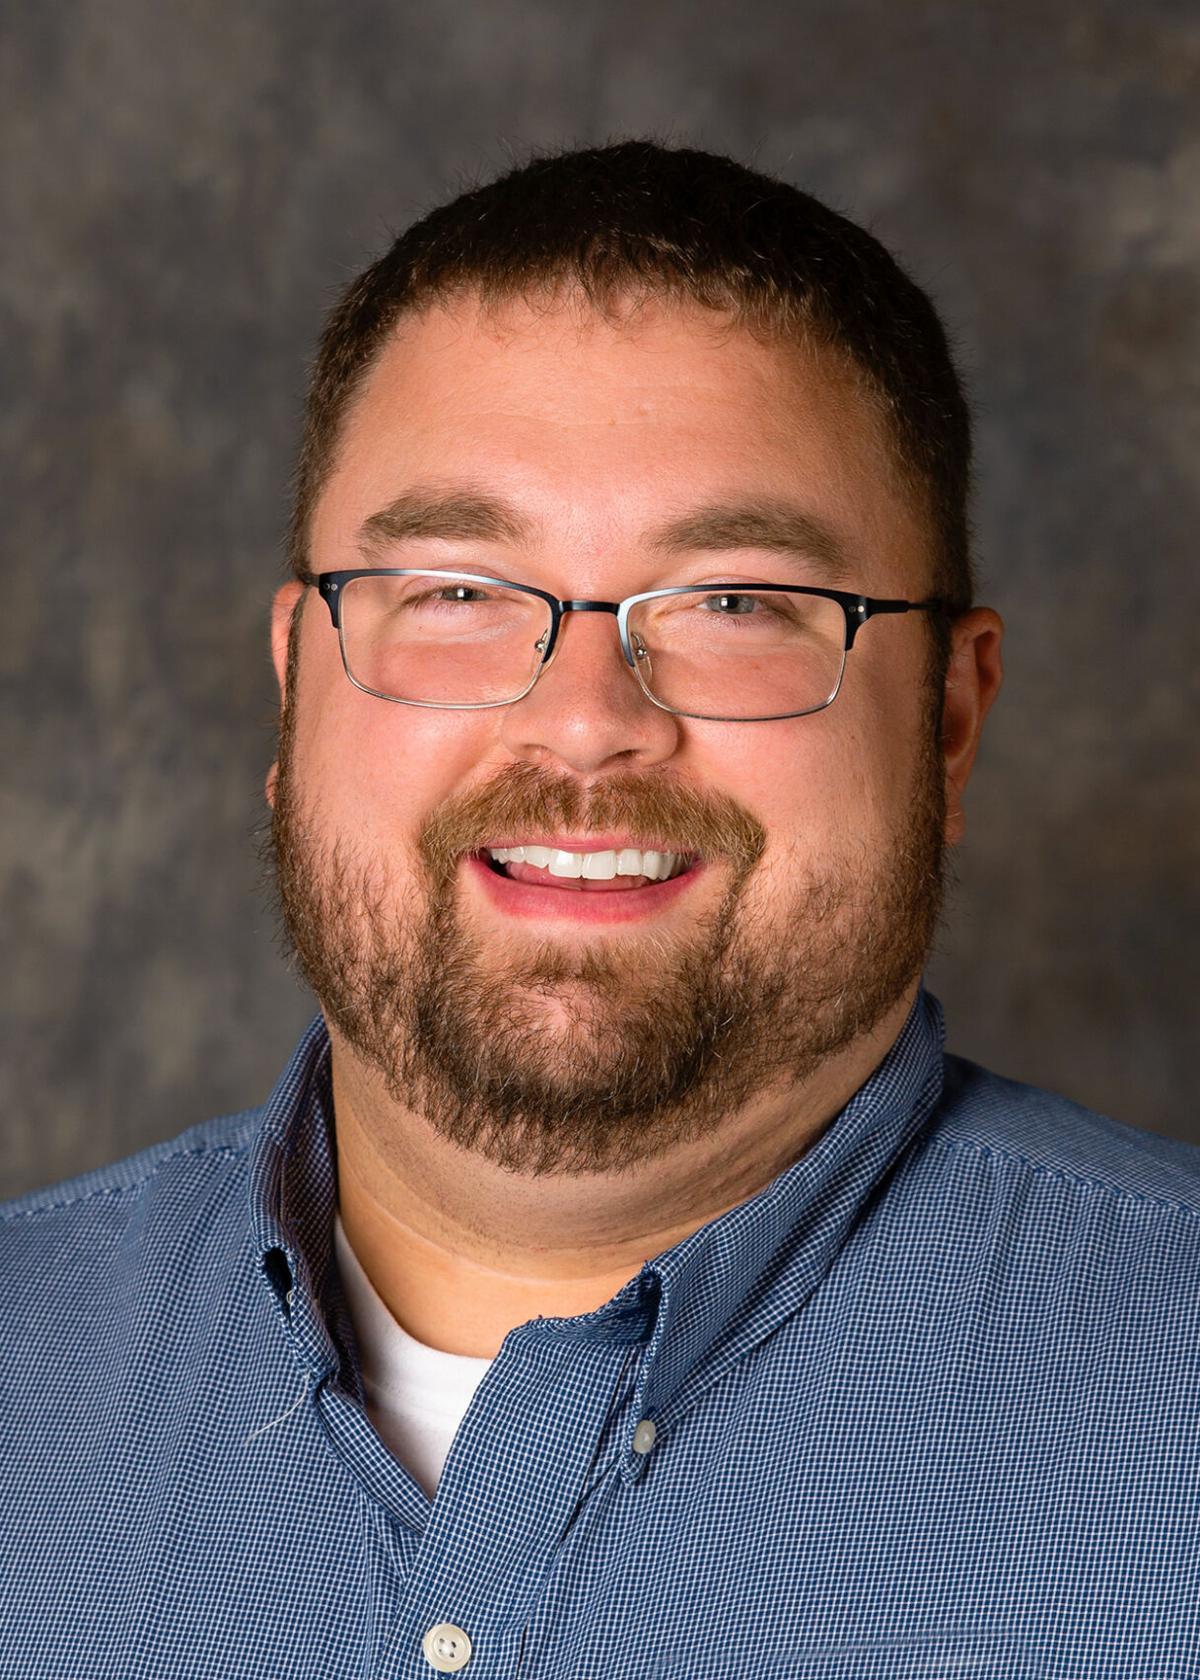 Tim Singer-Towns